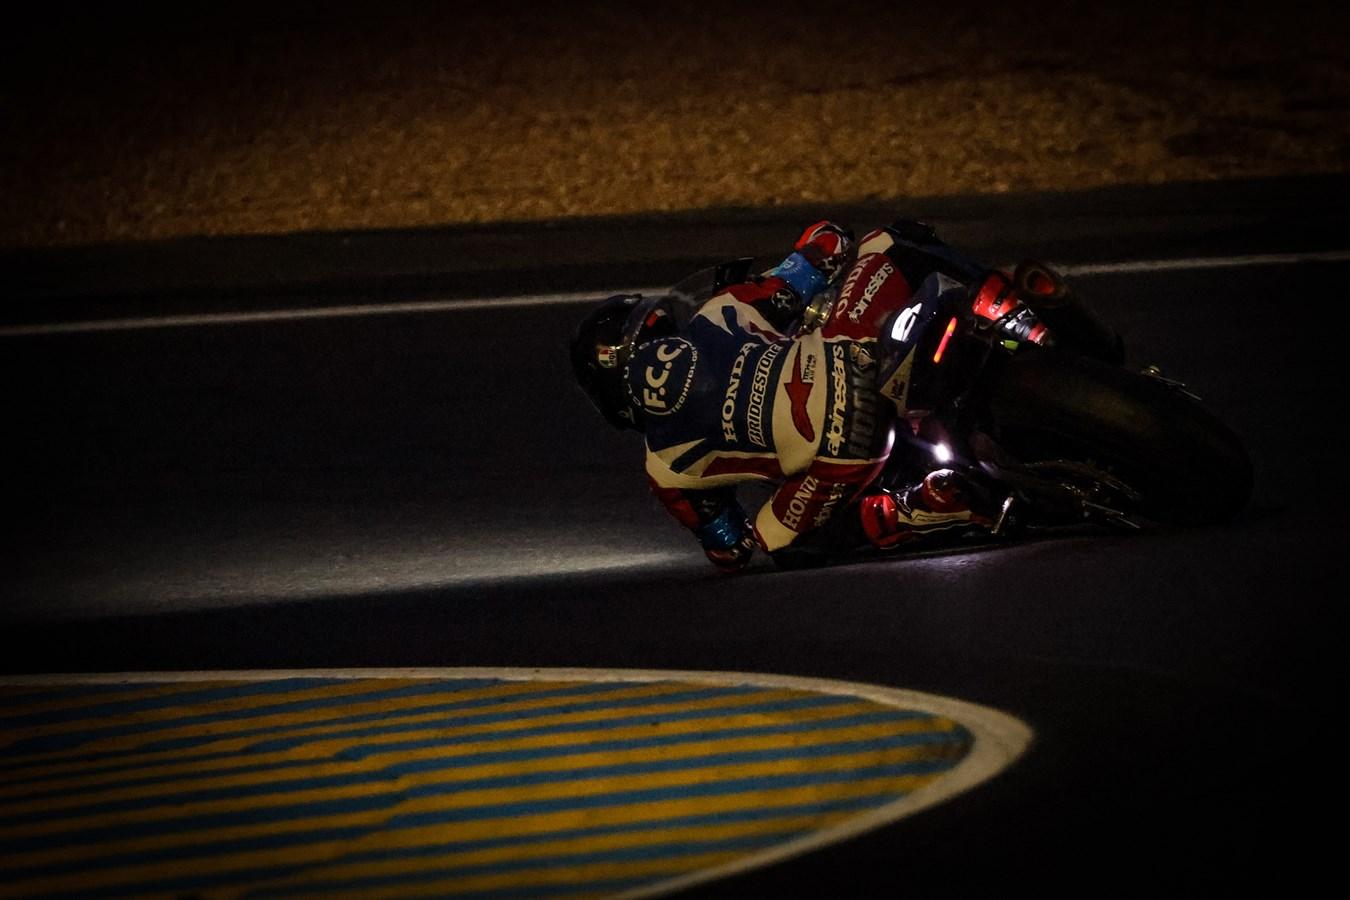 Honda CBR1000RR-R Fireblade SP